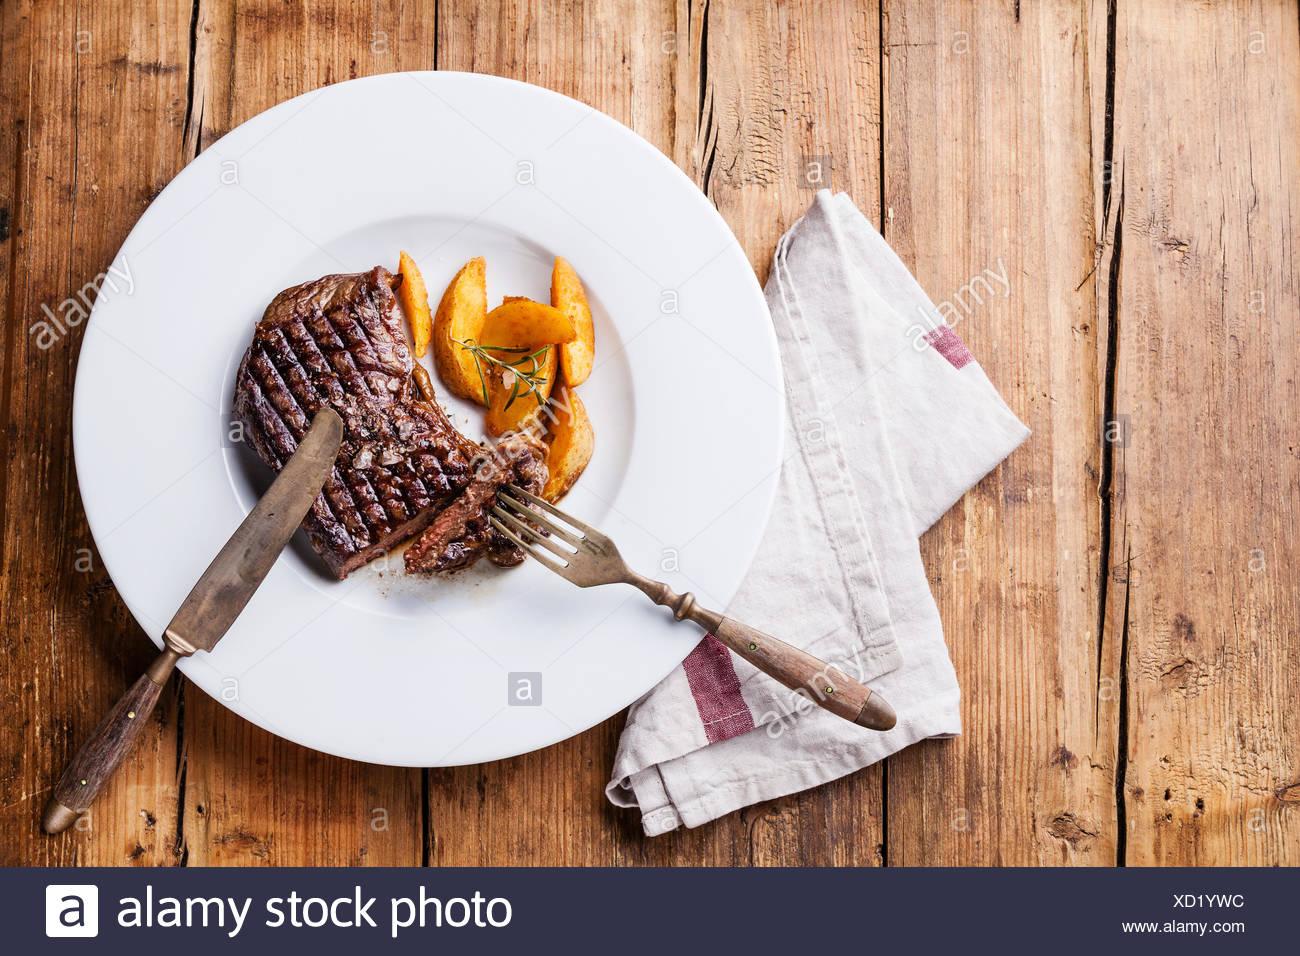 Amérique du Sud grillé Bifteck de boeuf premium avec les quartiers de pommes de terre rôties sur plaque blanche sur fond de bois Photo Stock